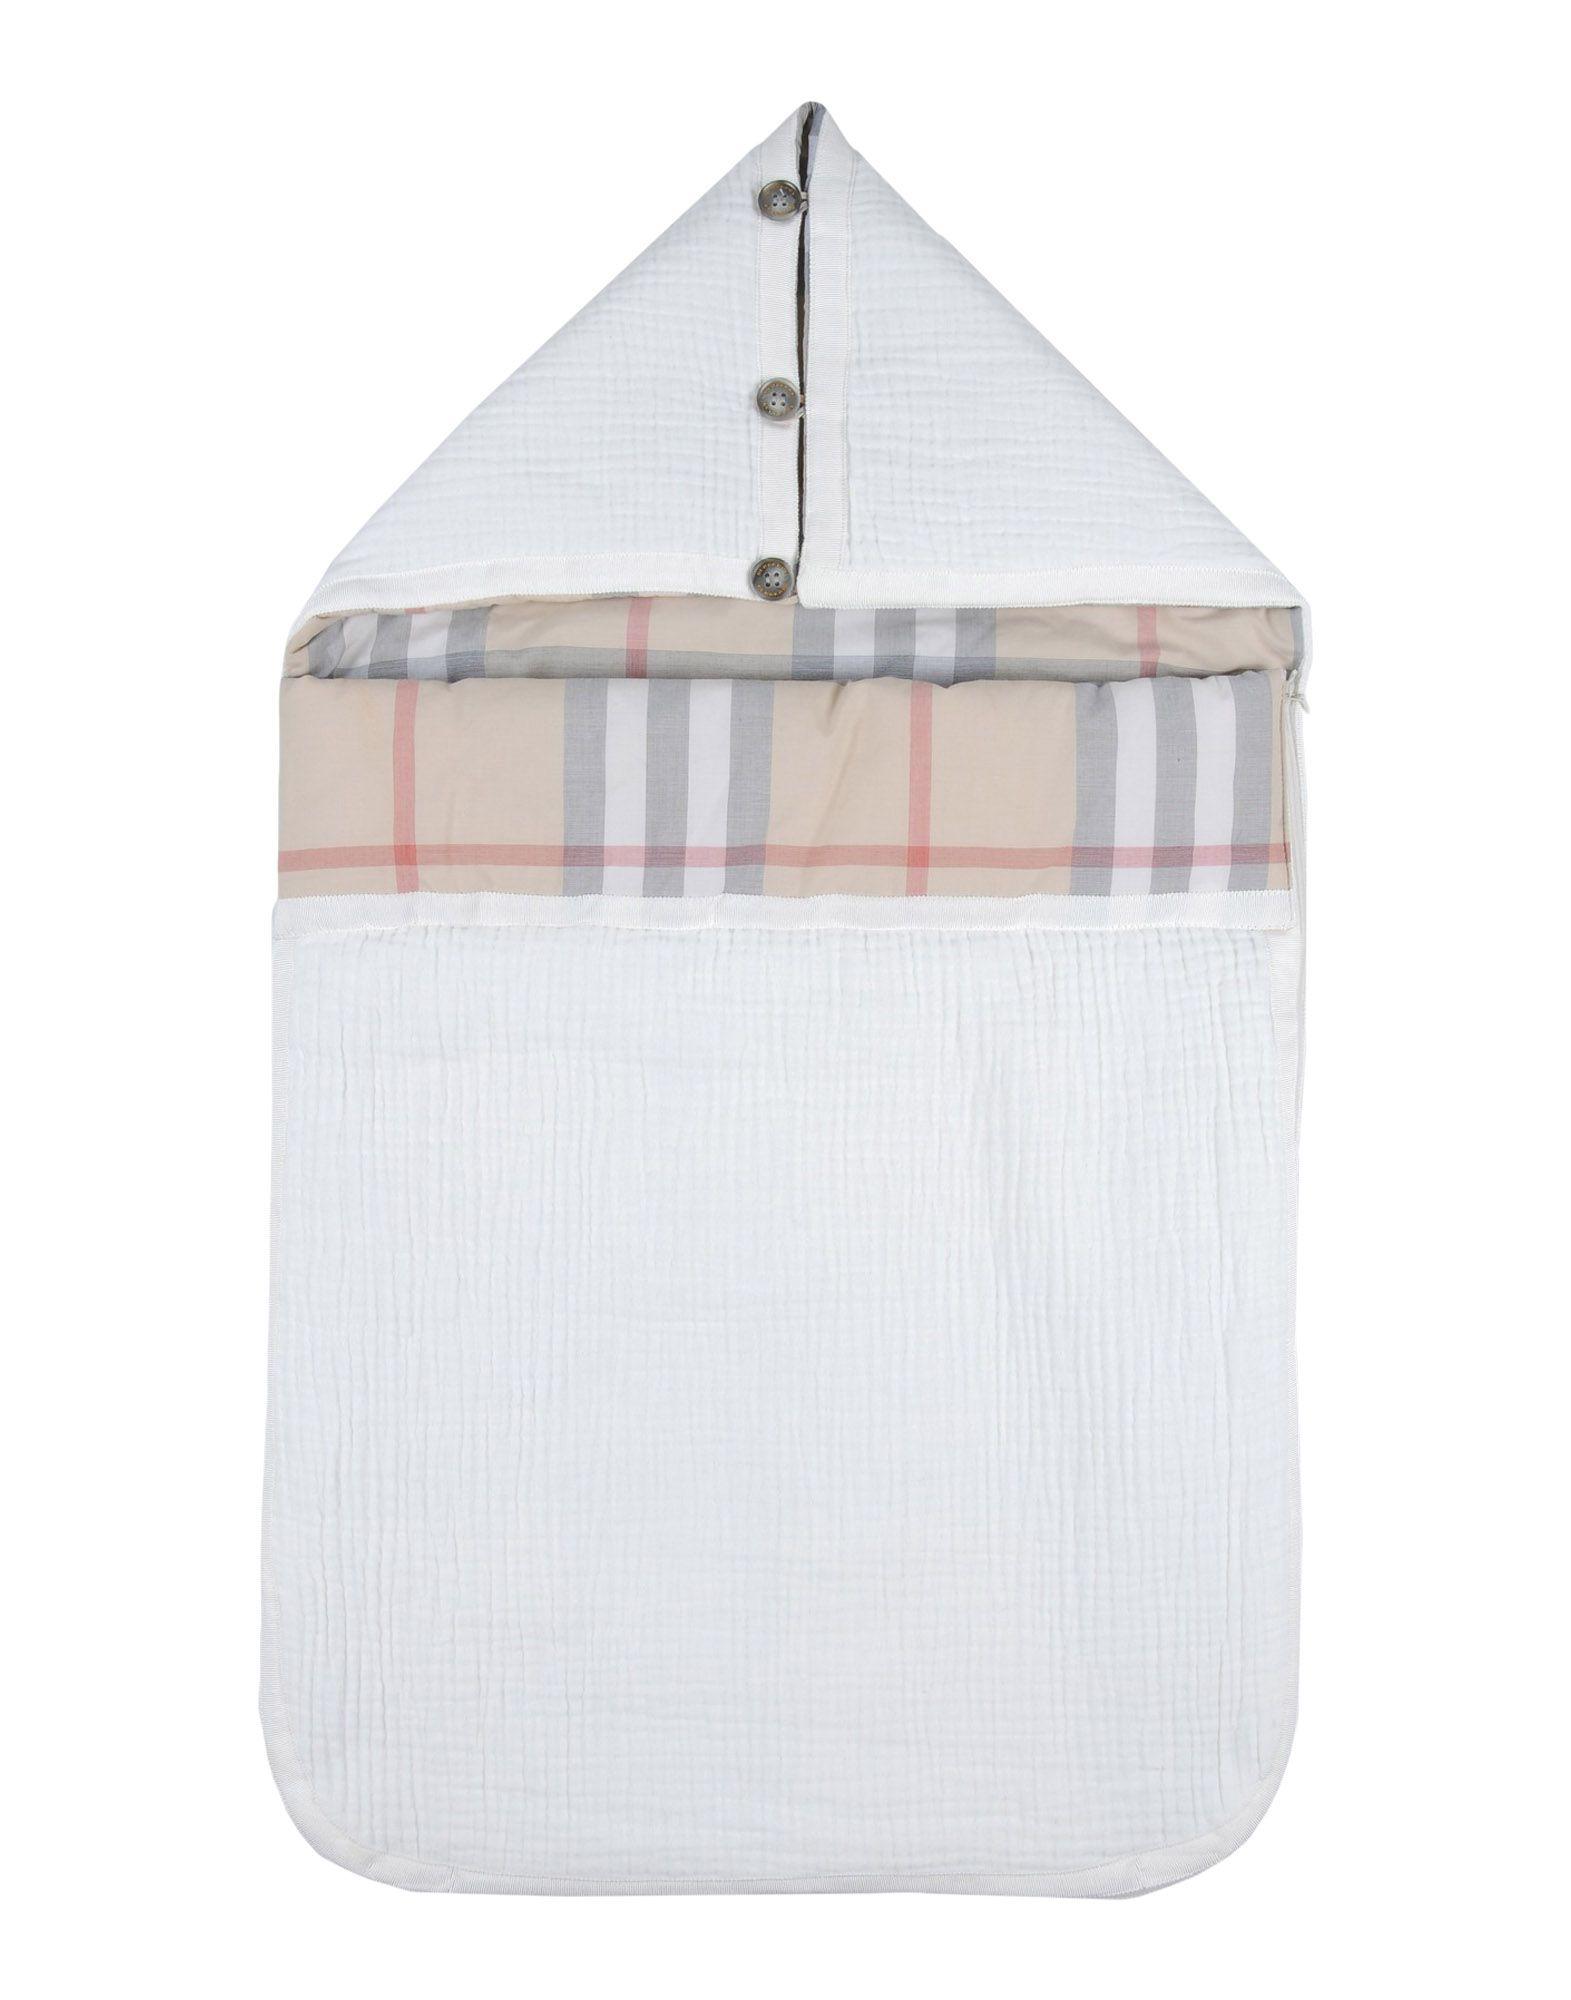 BURBERRY Jungen 3-8 jahre Babyschlafsack Farbe Weiß Größe 1 jetztbilligerkaufen